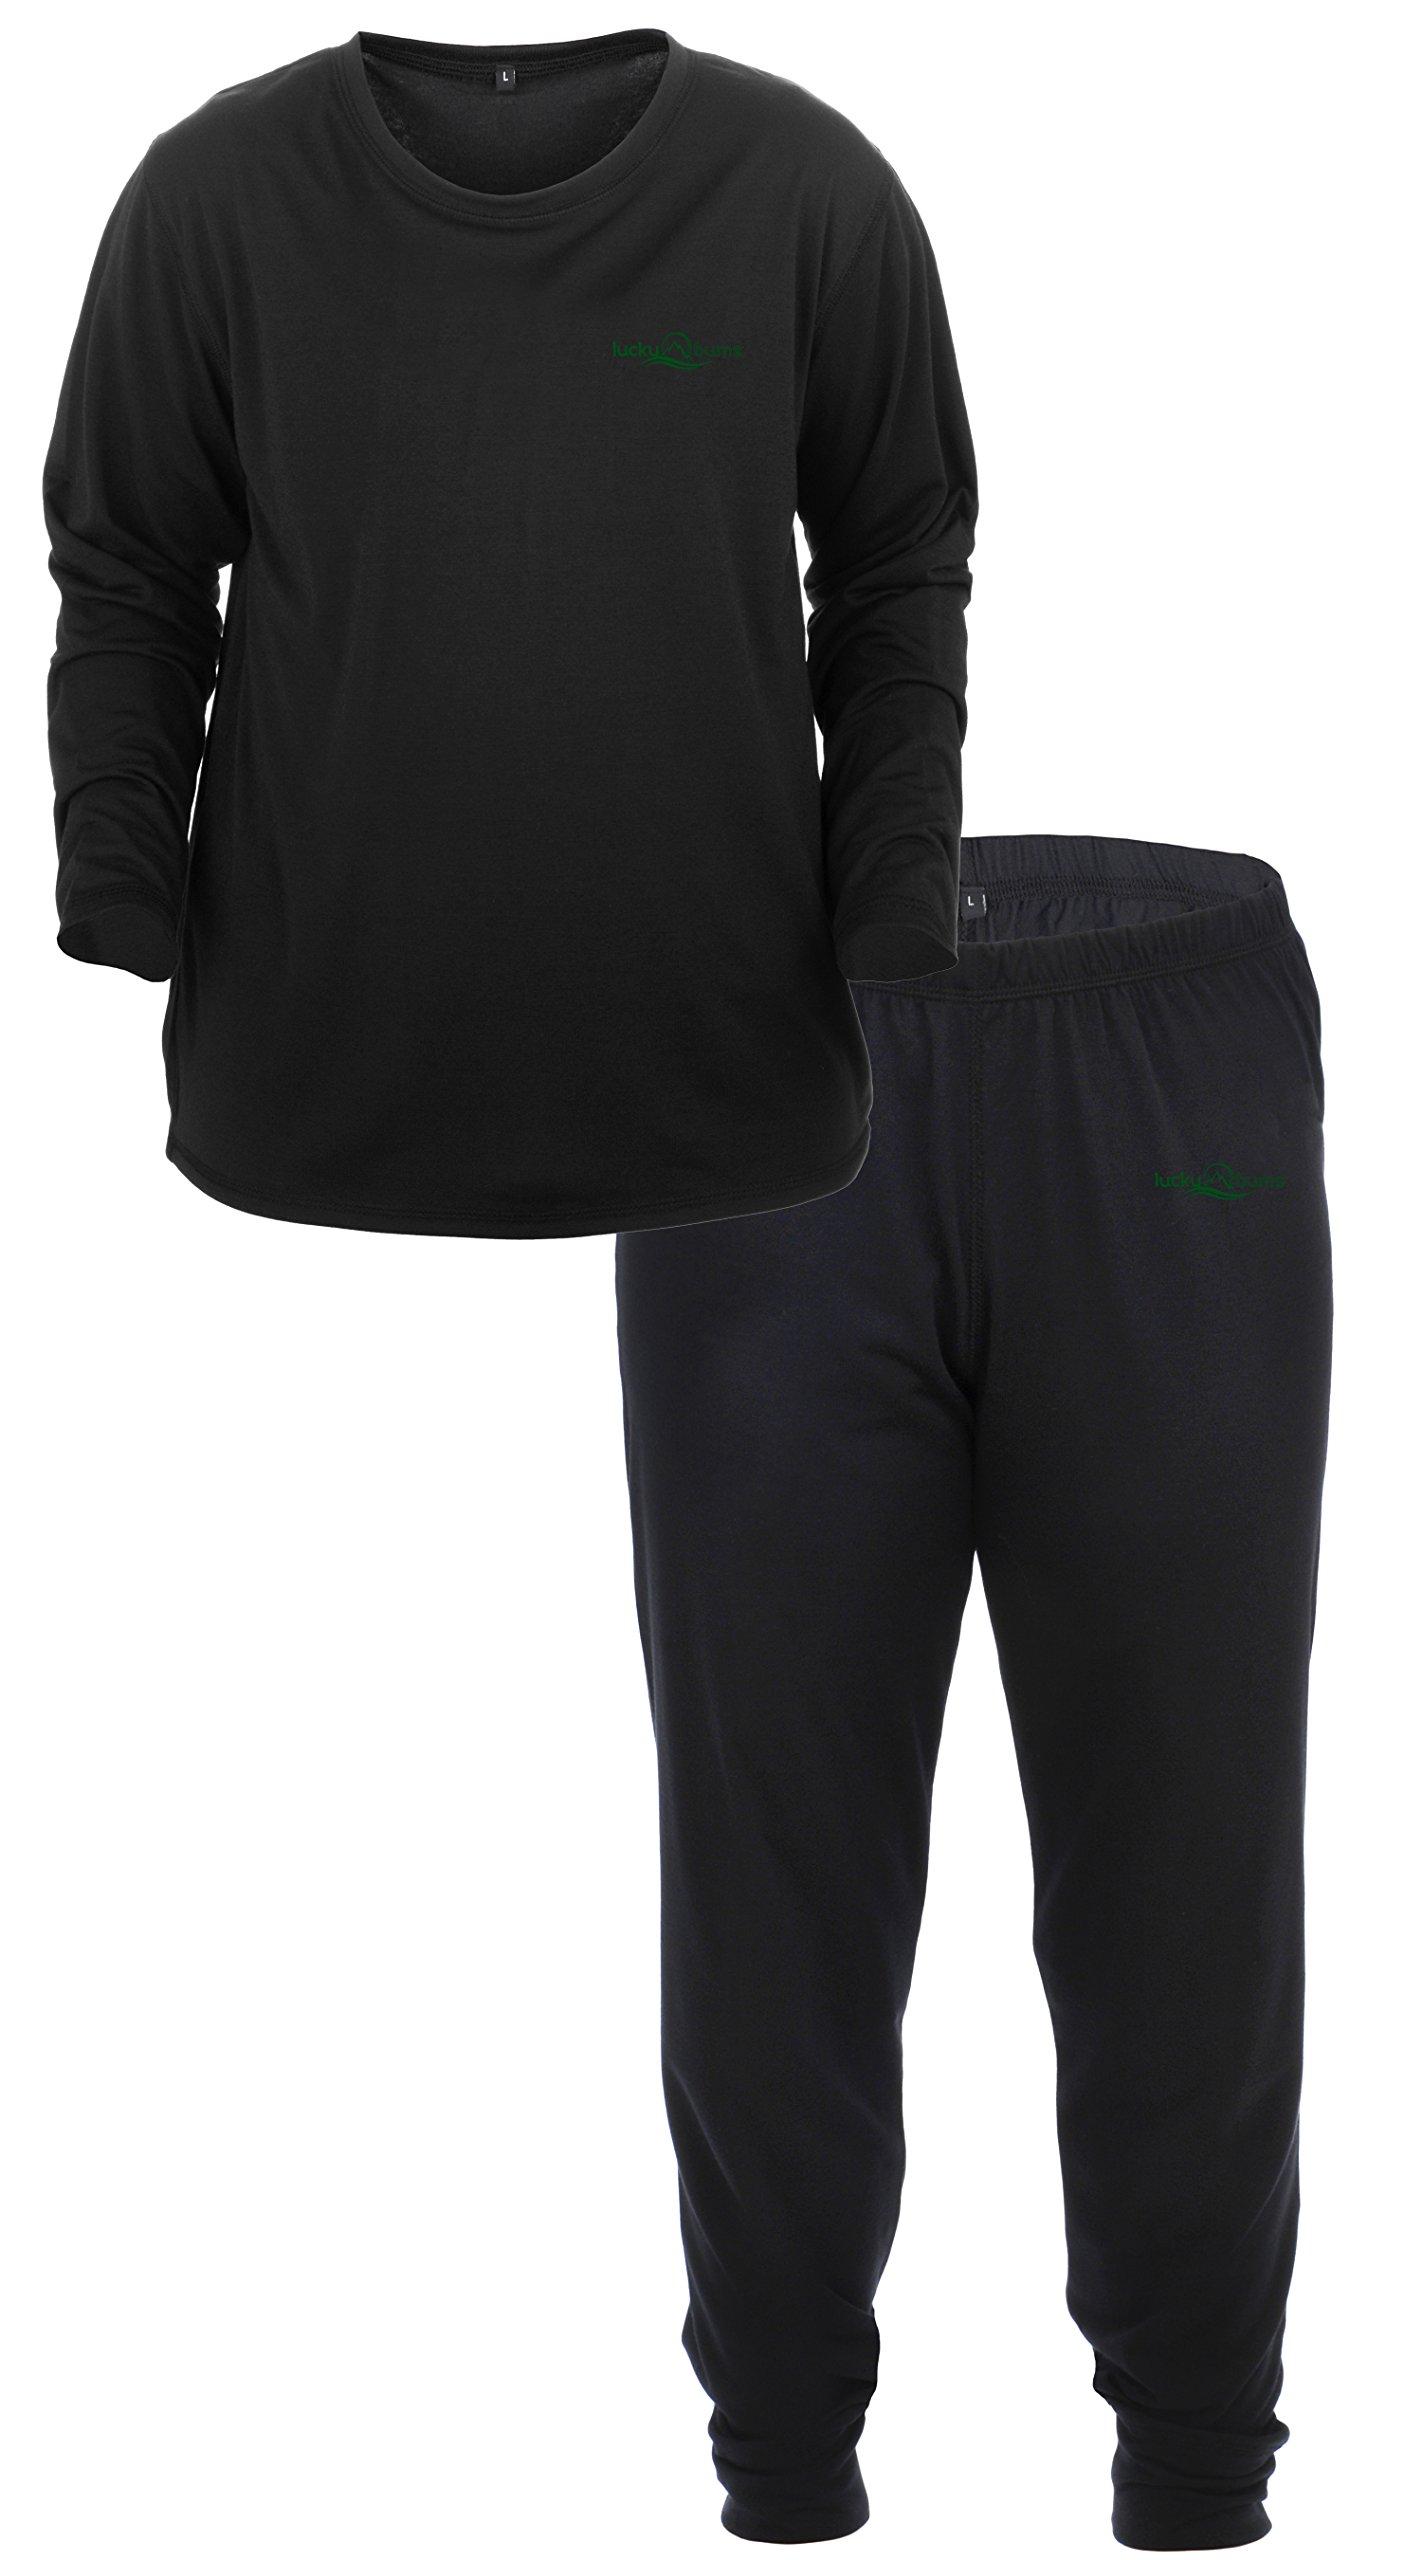 Lucky Bums Kid's Base Layer Long Sleeve Crewneck and Pants Set, Medium